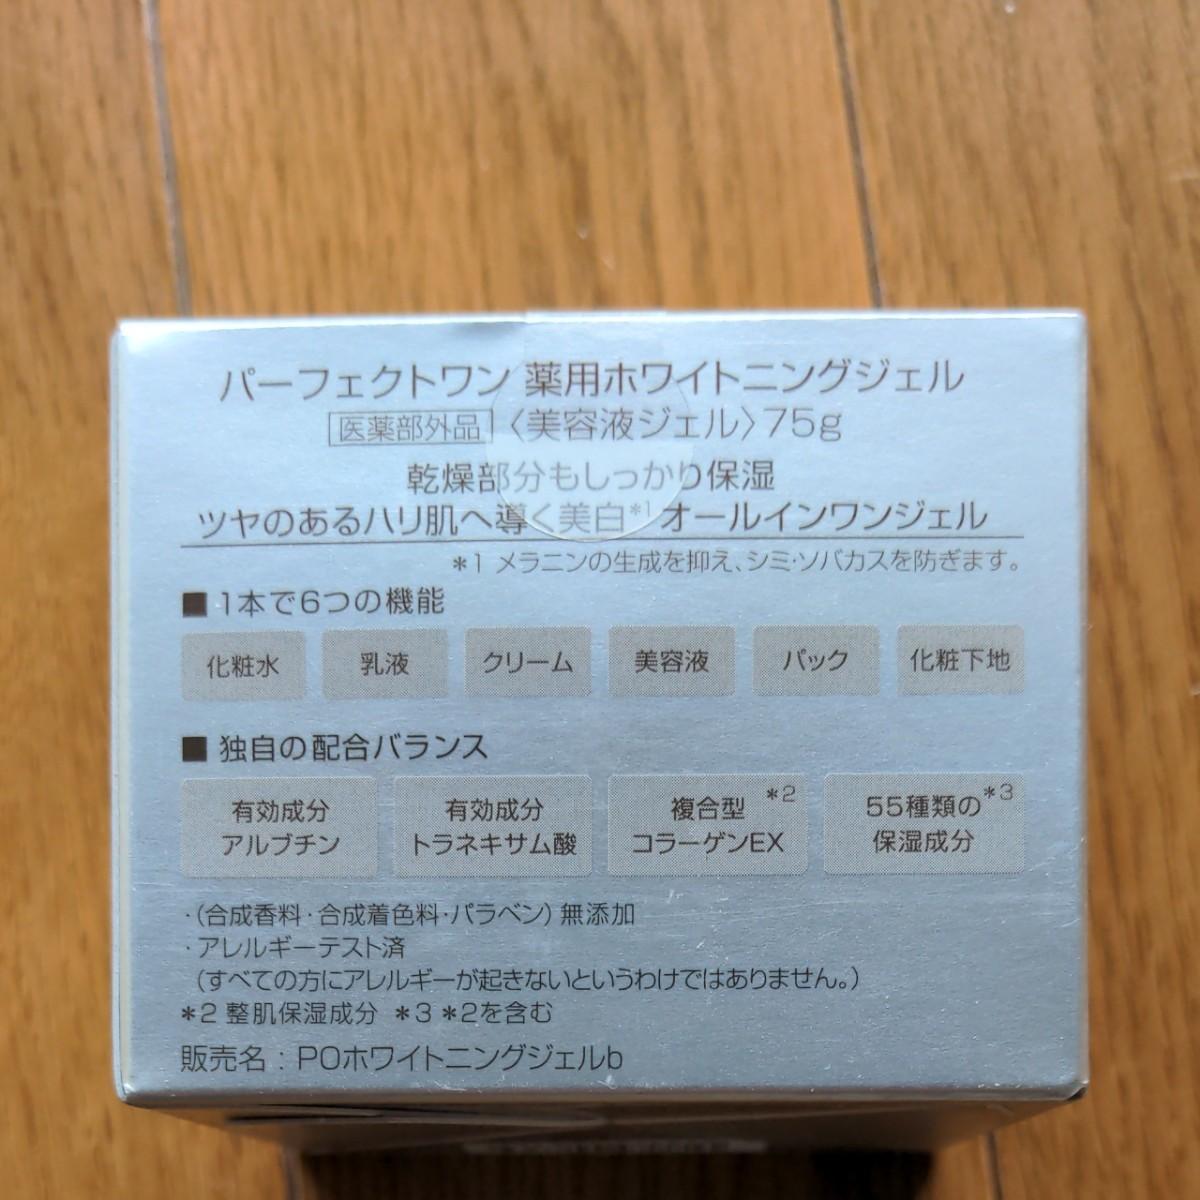 パーフェクトワン薬用ホワイトニングジェル75g